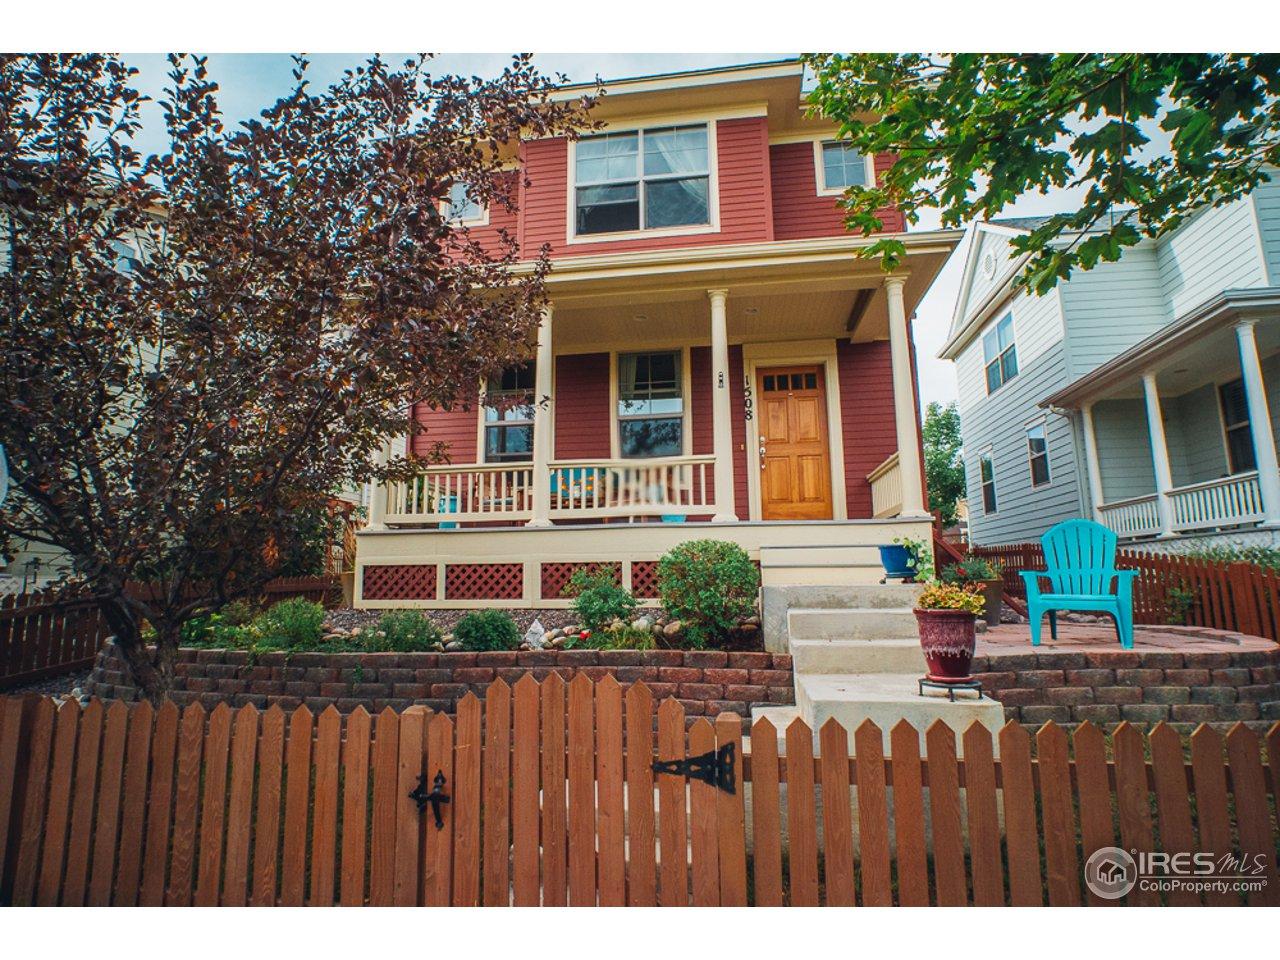 1508 Greenlee Way, Lafayette, CO 80026